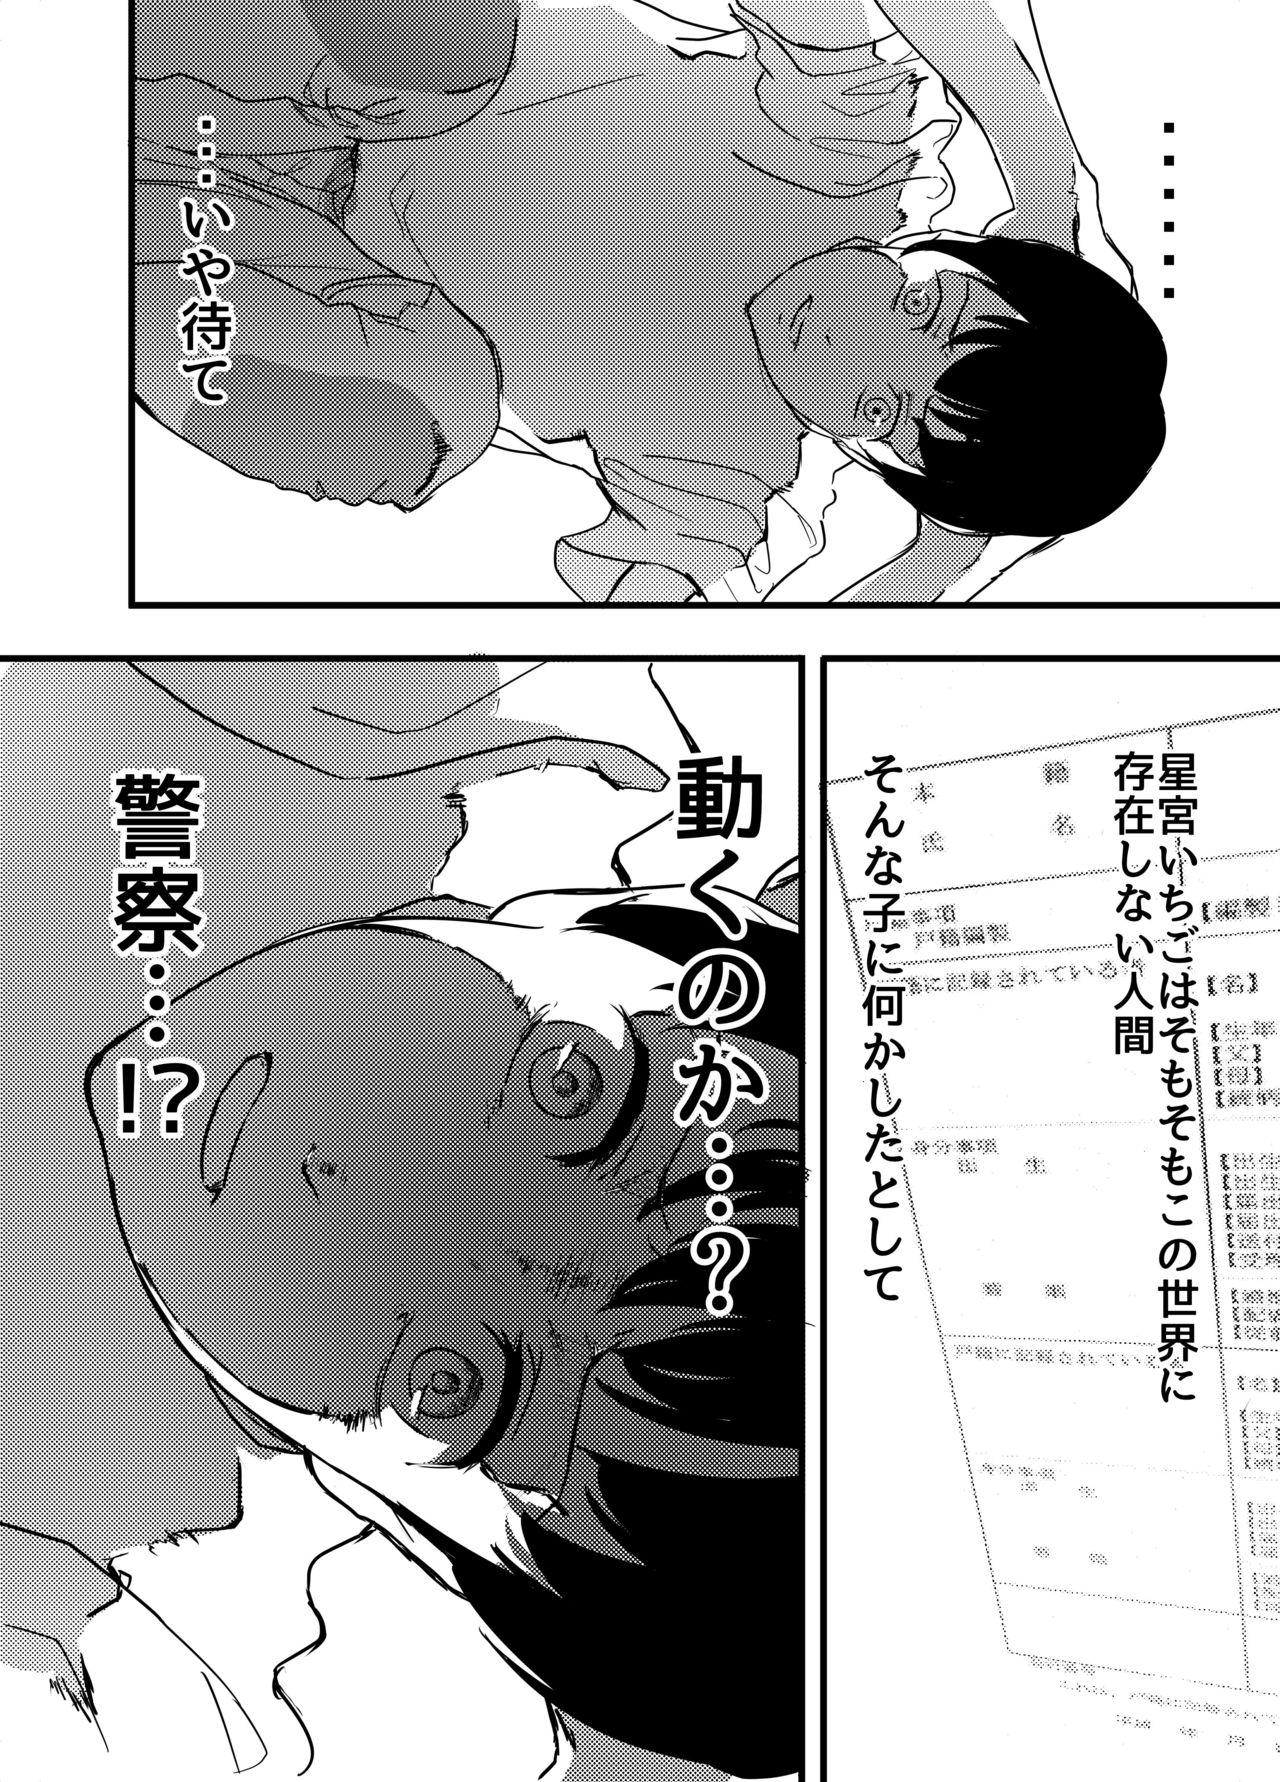 Hoshimiya Ichigo o Goukan Shite Boku wa Hoshi ni Naru. 27